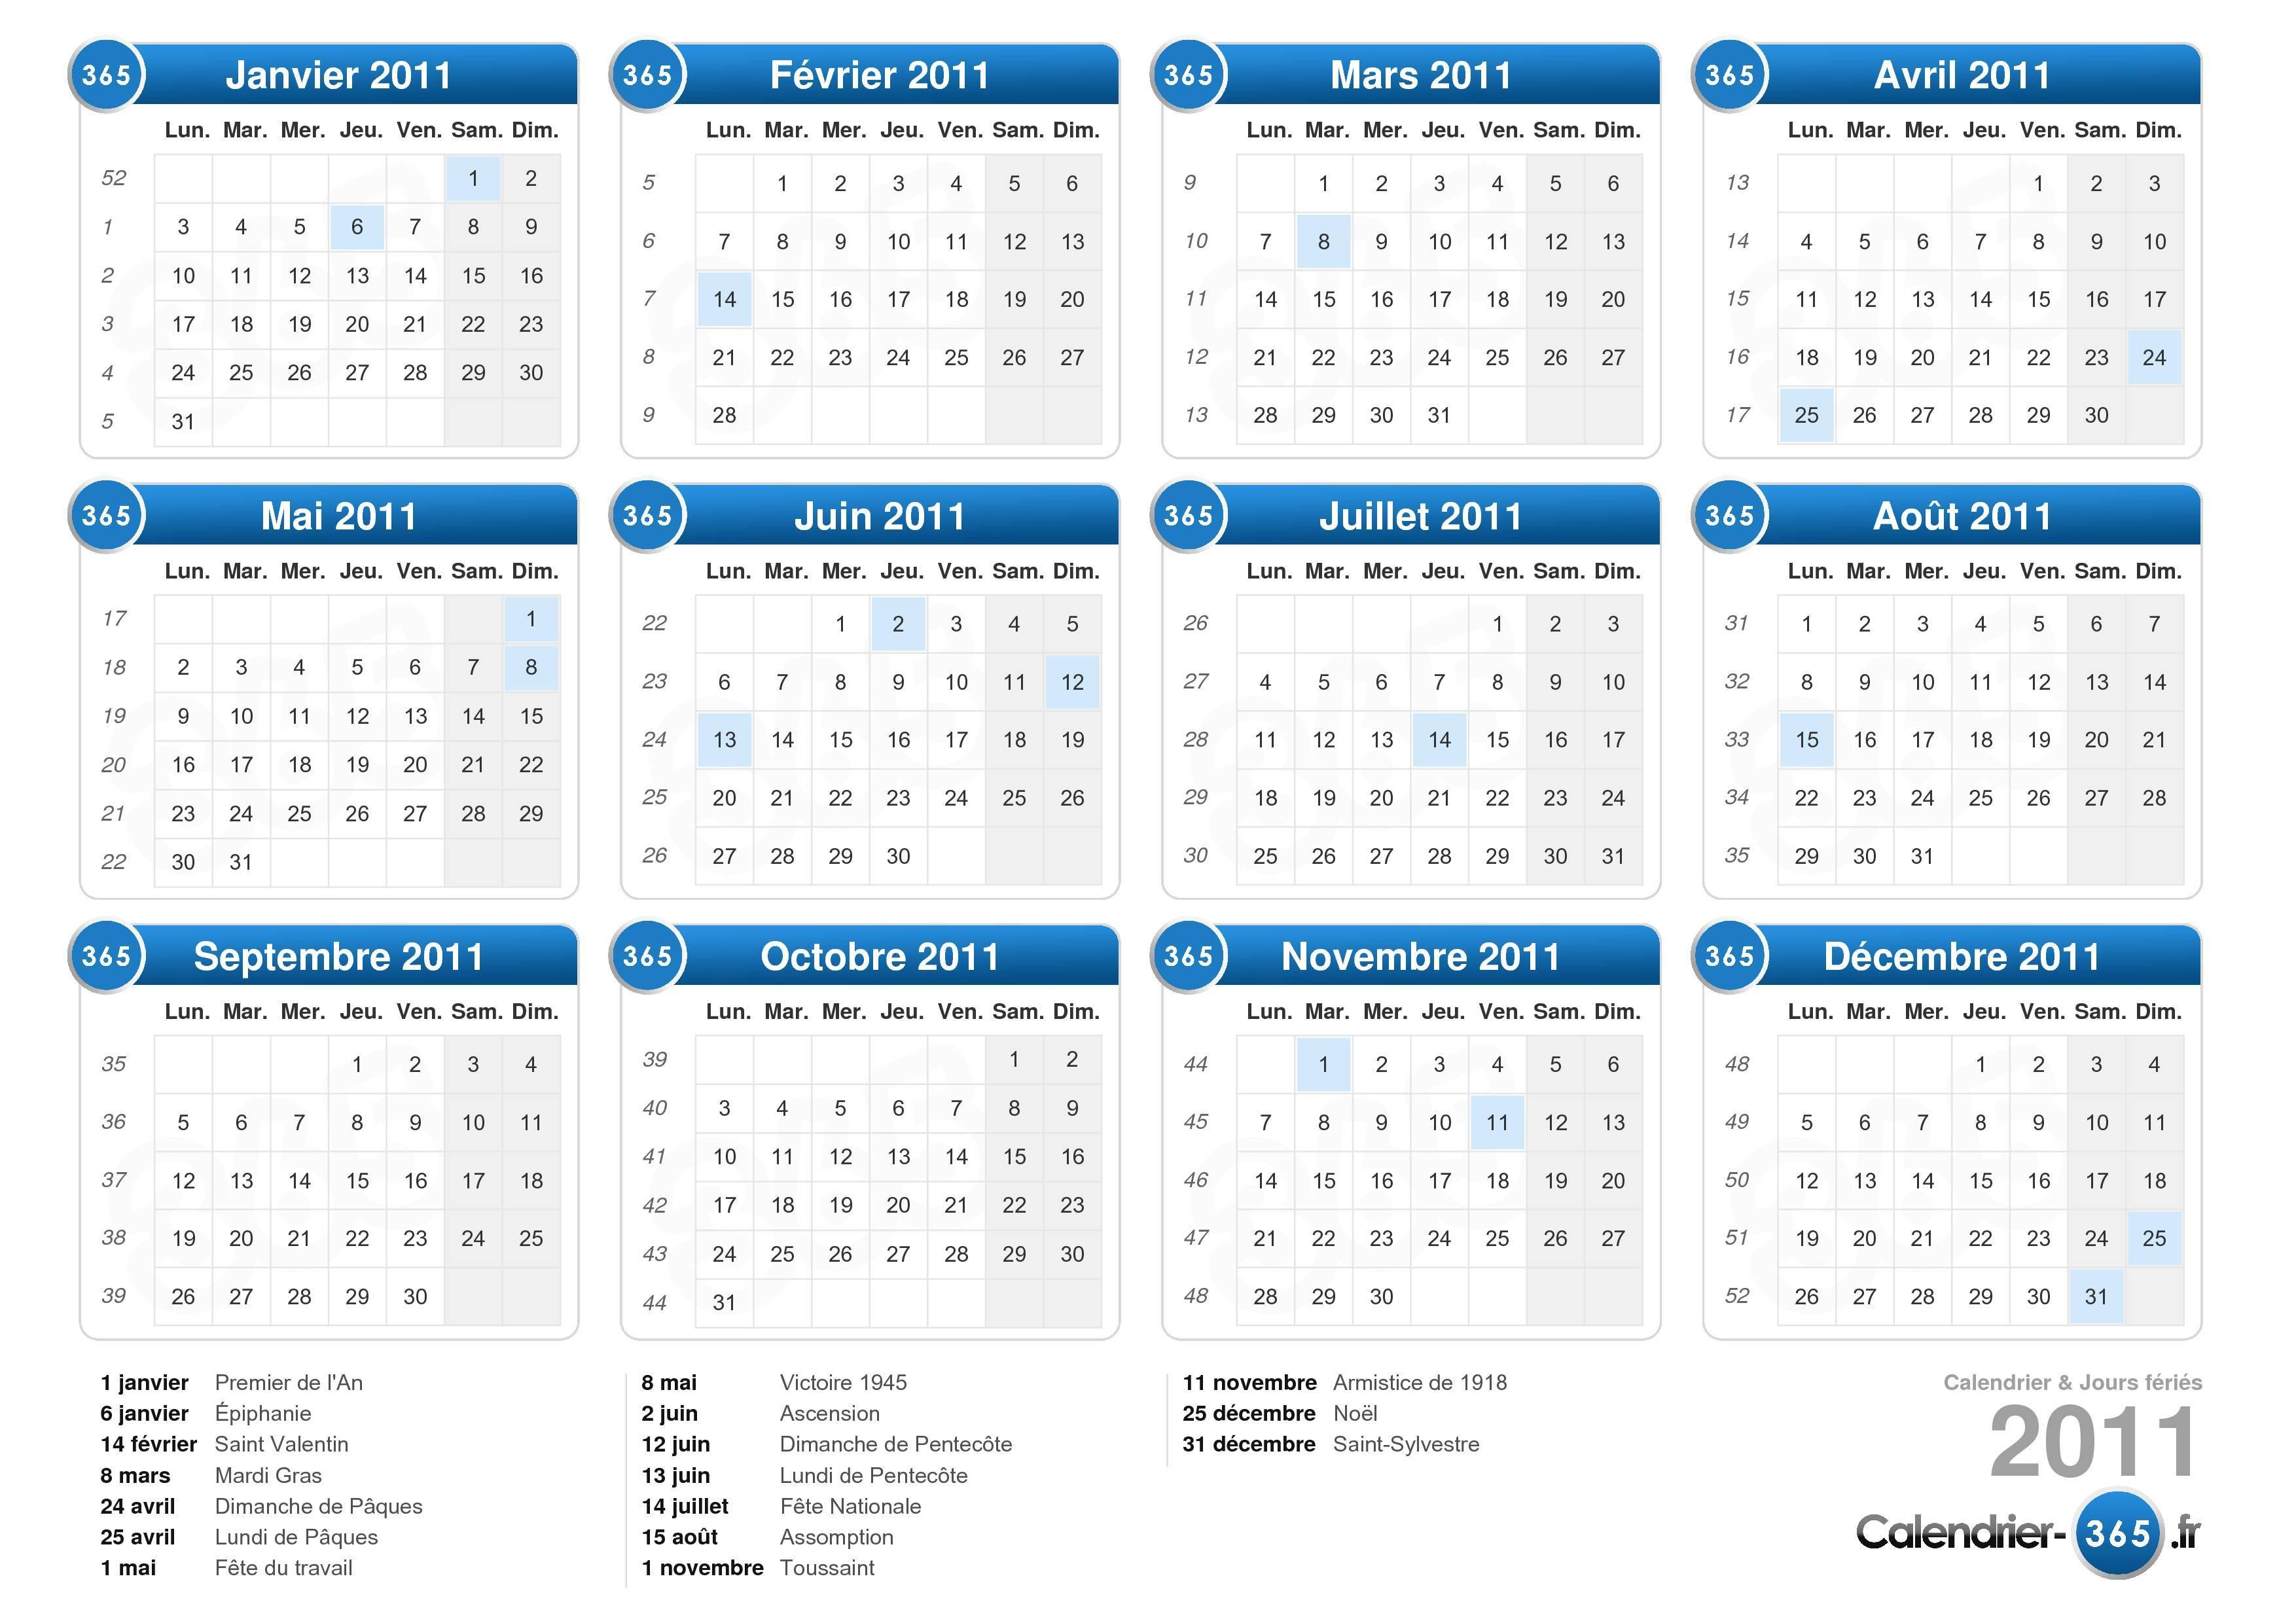 calendrier 2011 lunaire